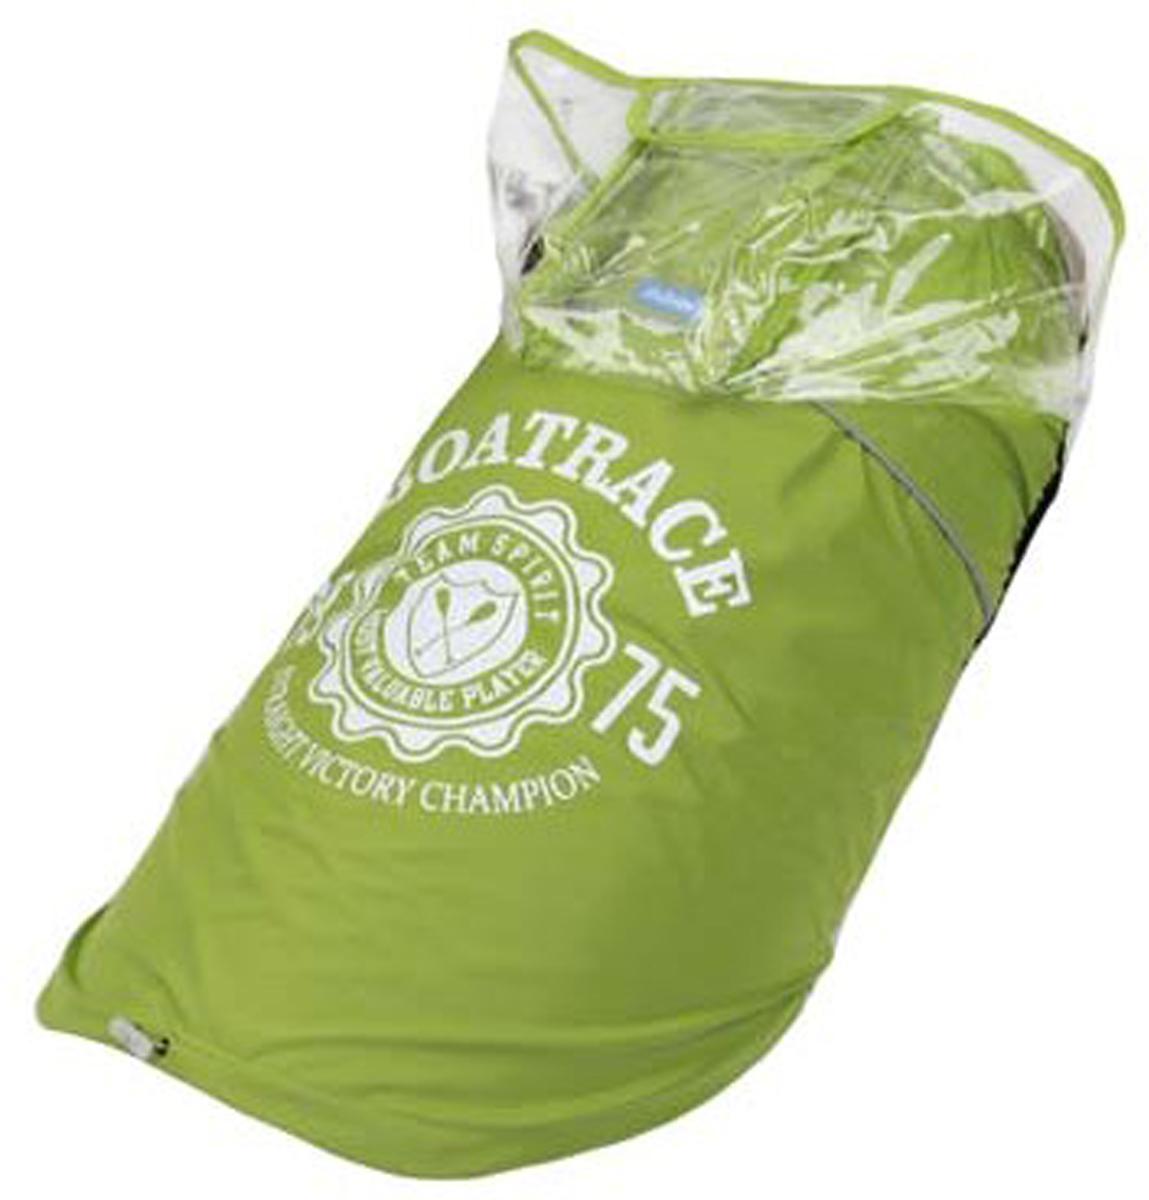 Куртка для собак Dobaz, водонепроницаемая, цвет: прозрачно-зеленый. ДА13033С6ХЛ. Размер 6XLДА13033С6ХЛКуртка для собак Dobaz отлично подходит для использования в сырую погоду. Материал обладает водоотталкивающей способностью, поэтому превосходно защитит вашего четвероногого друга в любую погоду.Обхват шеи: 55 см.Обхват груди: 86 см.Длина спинки: 61 см.Одежда для собак: нужна ли она и как её выбрать. Статья OZON Гид